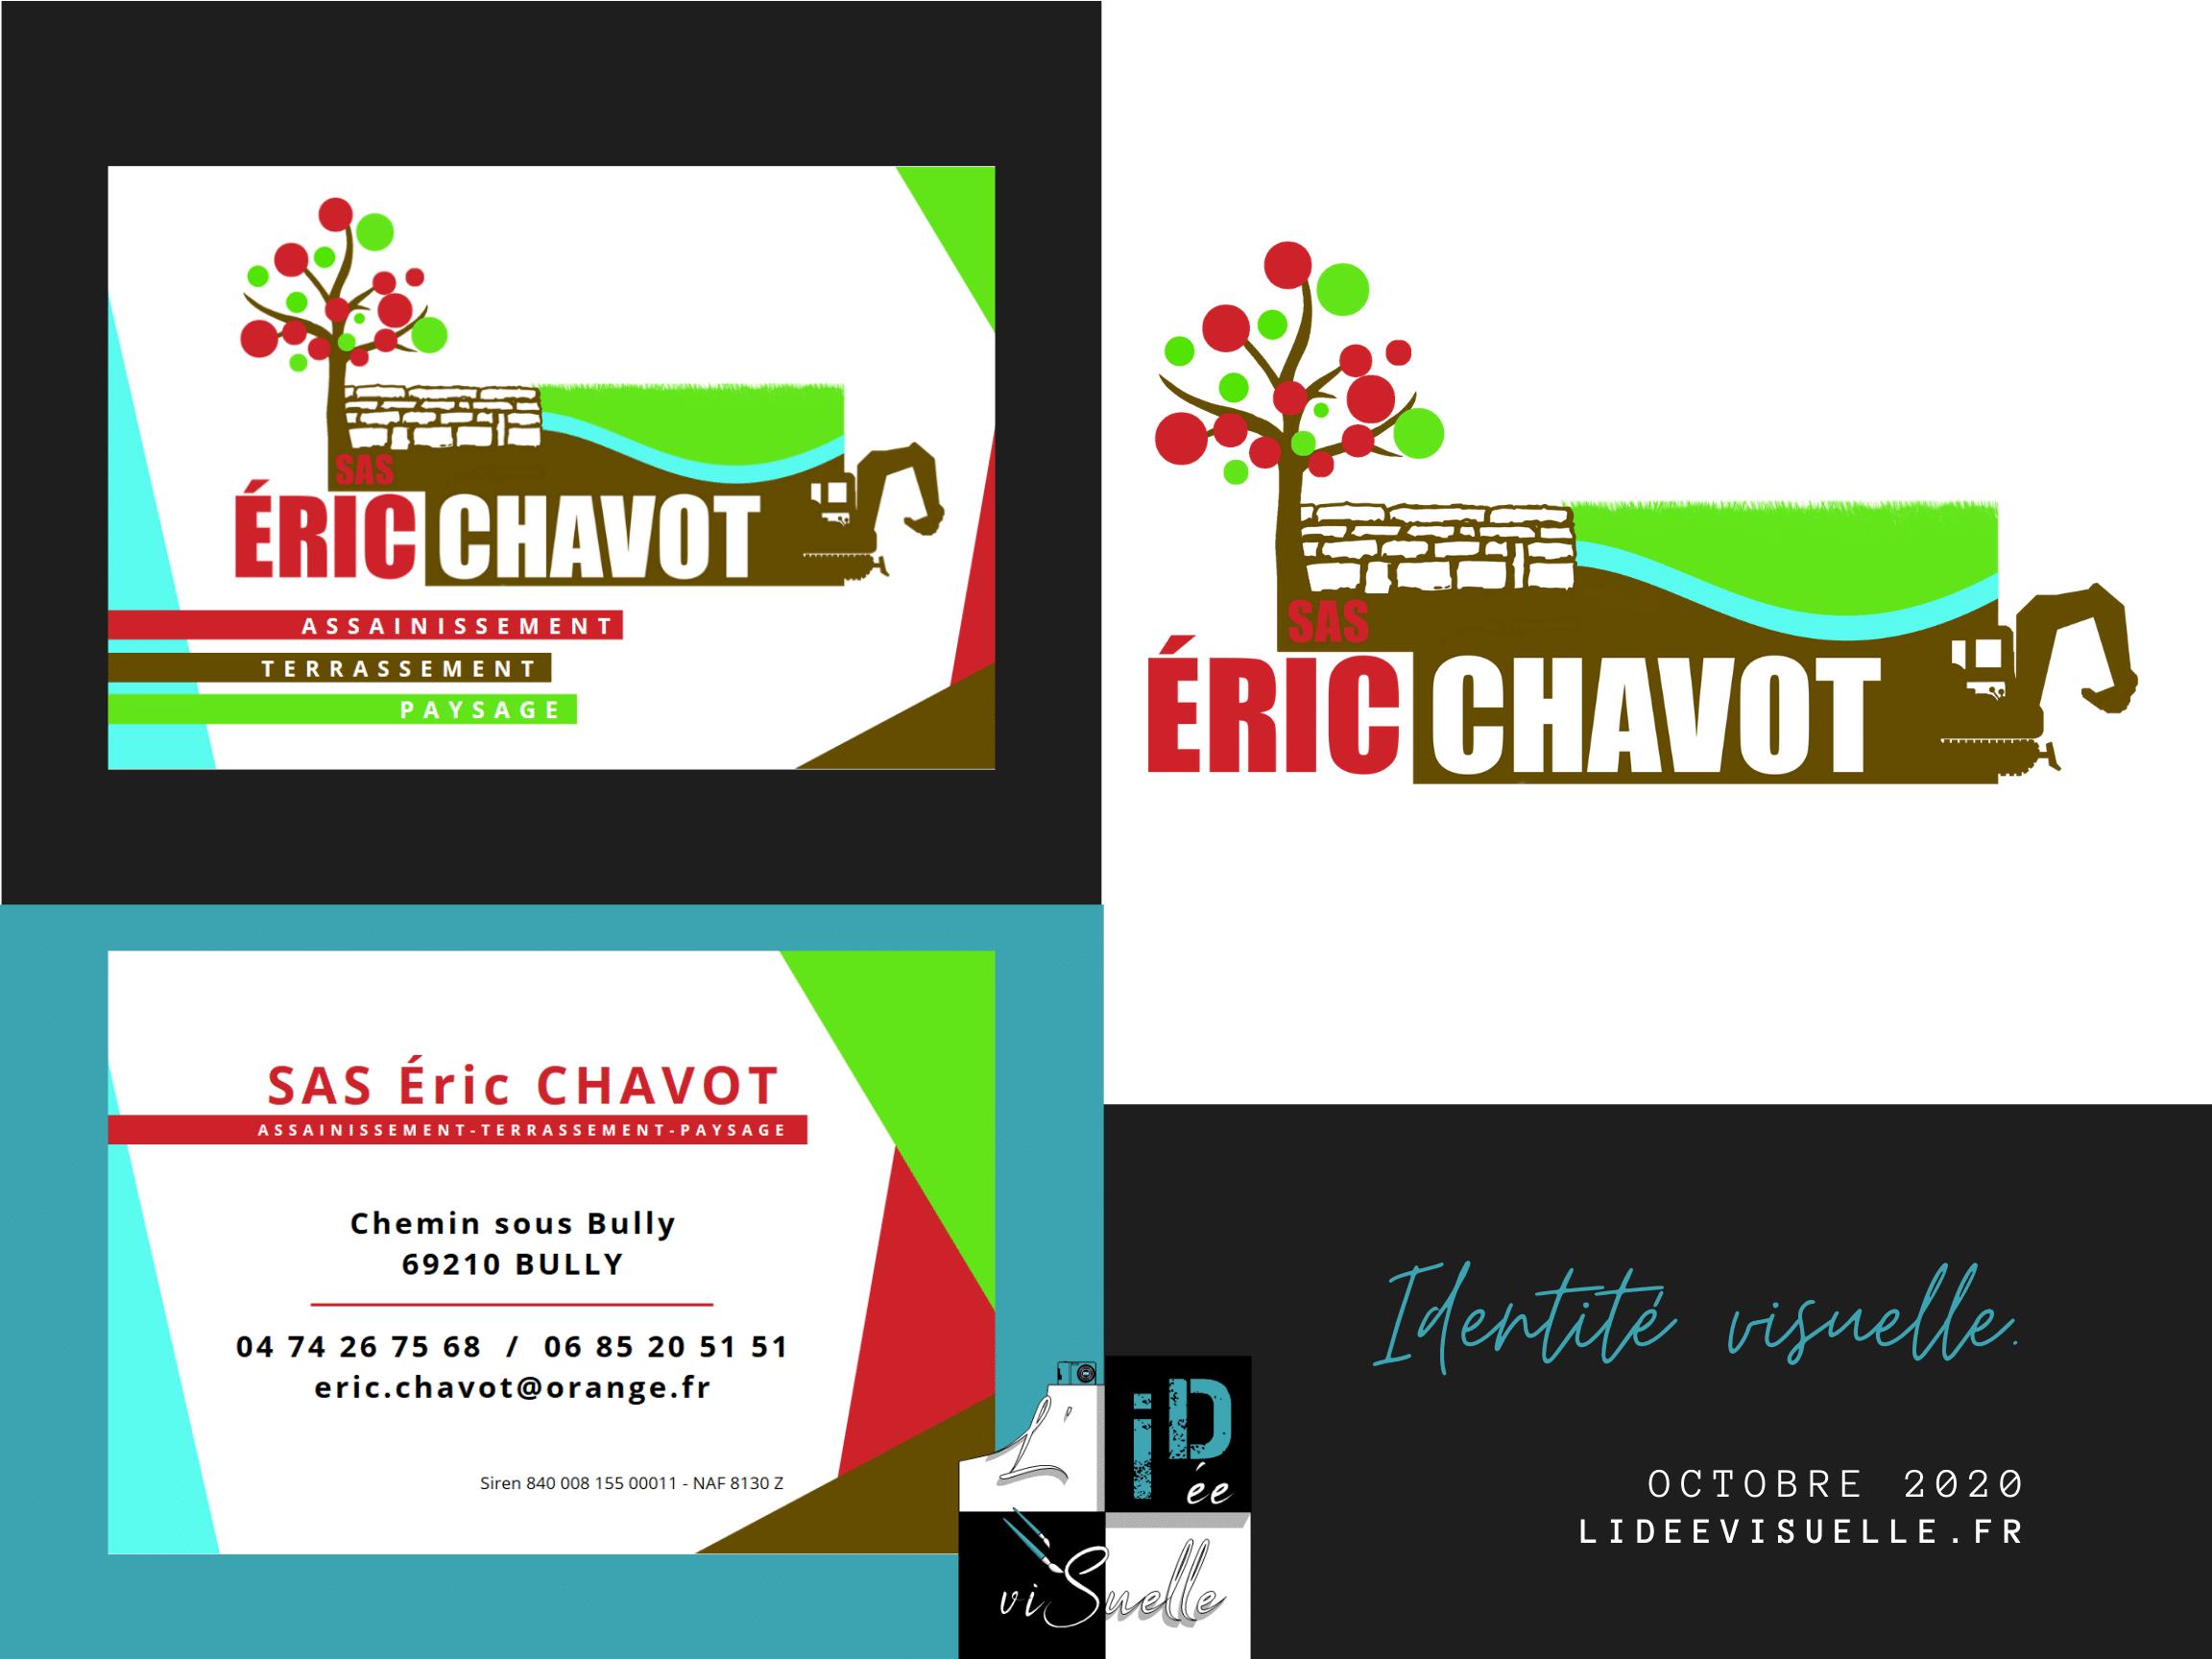 Identité visuelle Eric Chavot Paysage création de logo, carte de visite, identité visuelle ouest lyonnais, rhône, monts du lyonnais, graphiste